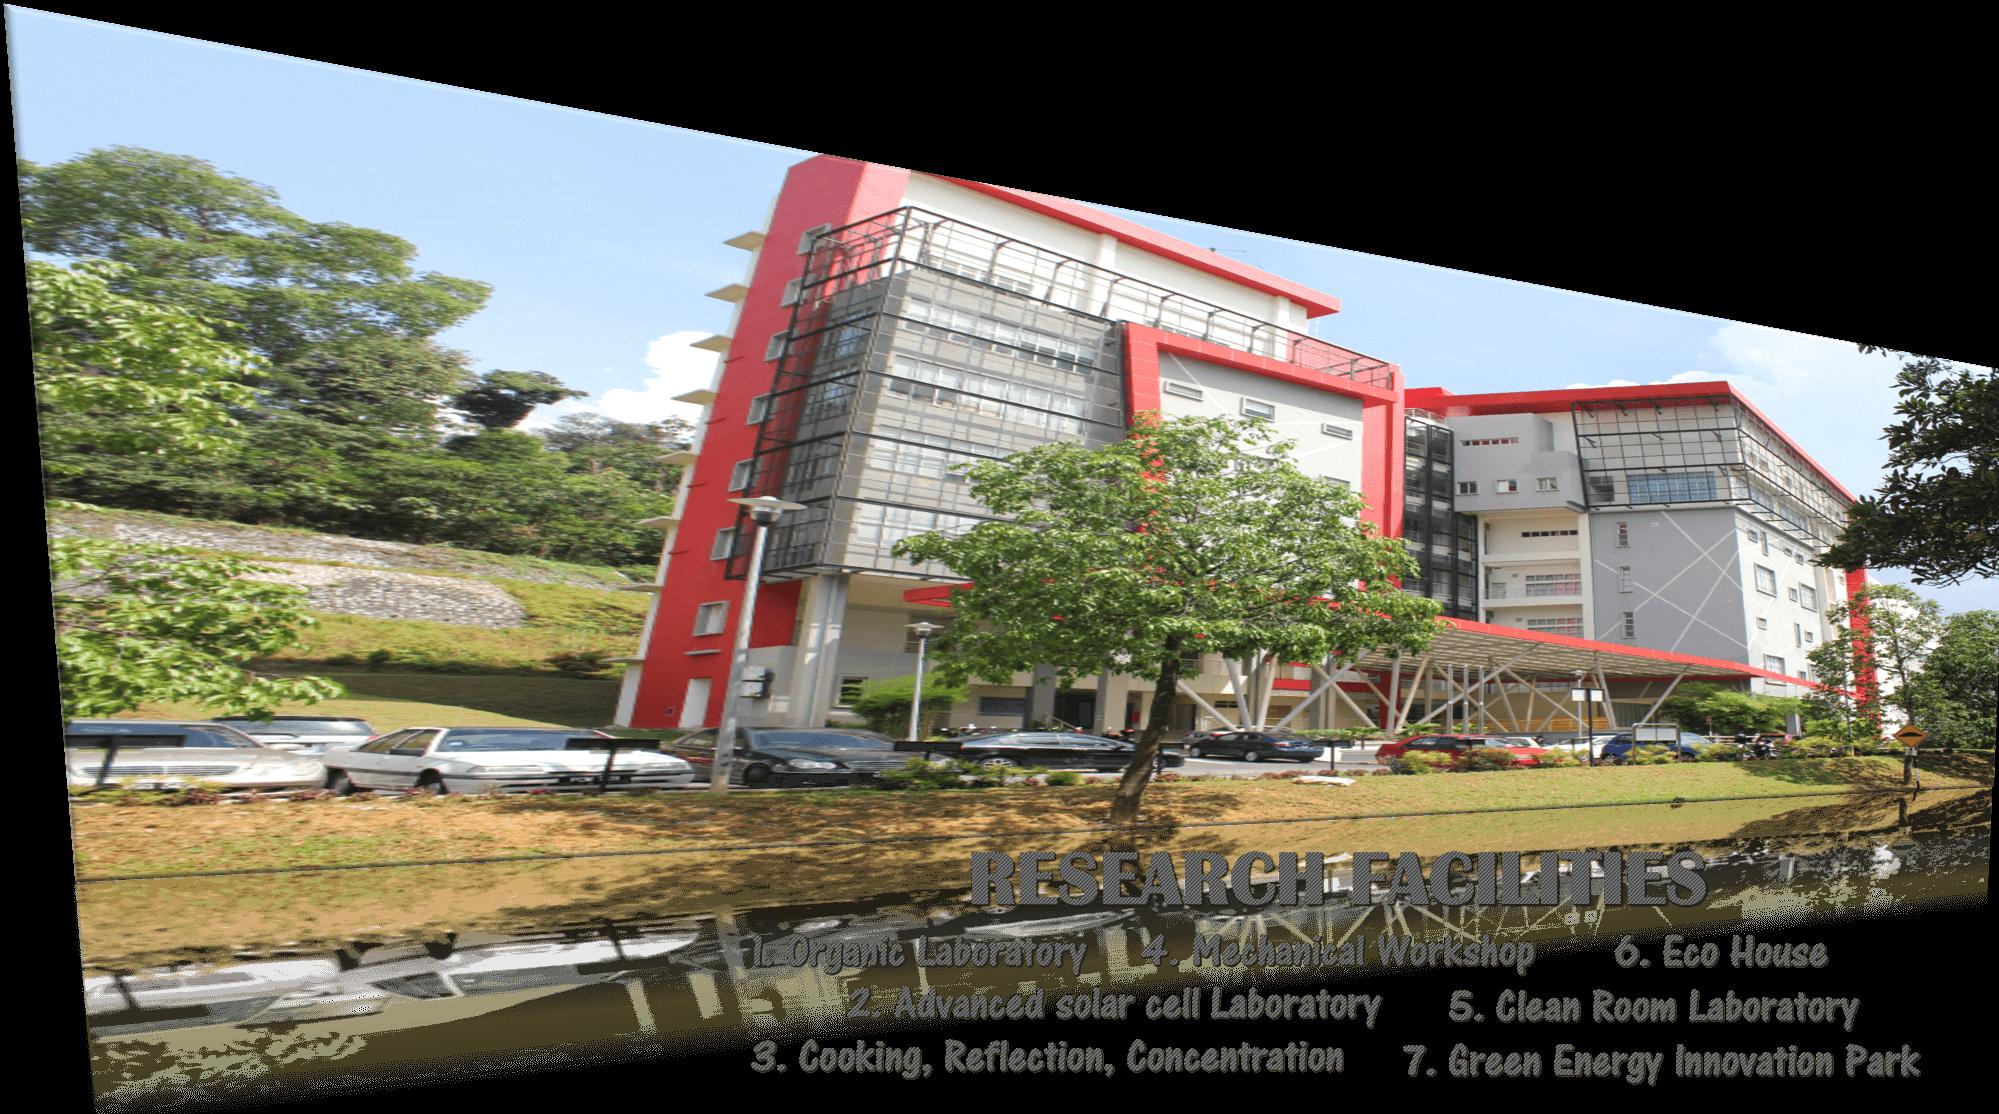 SERI Laboratory